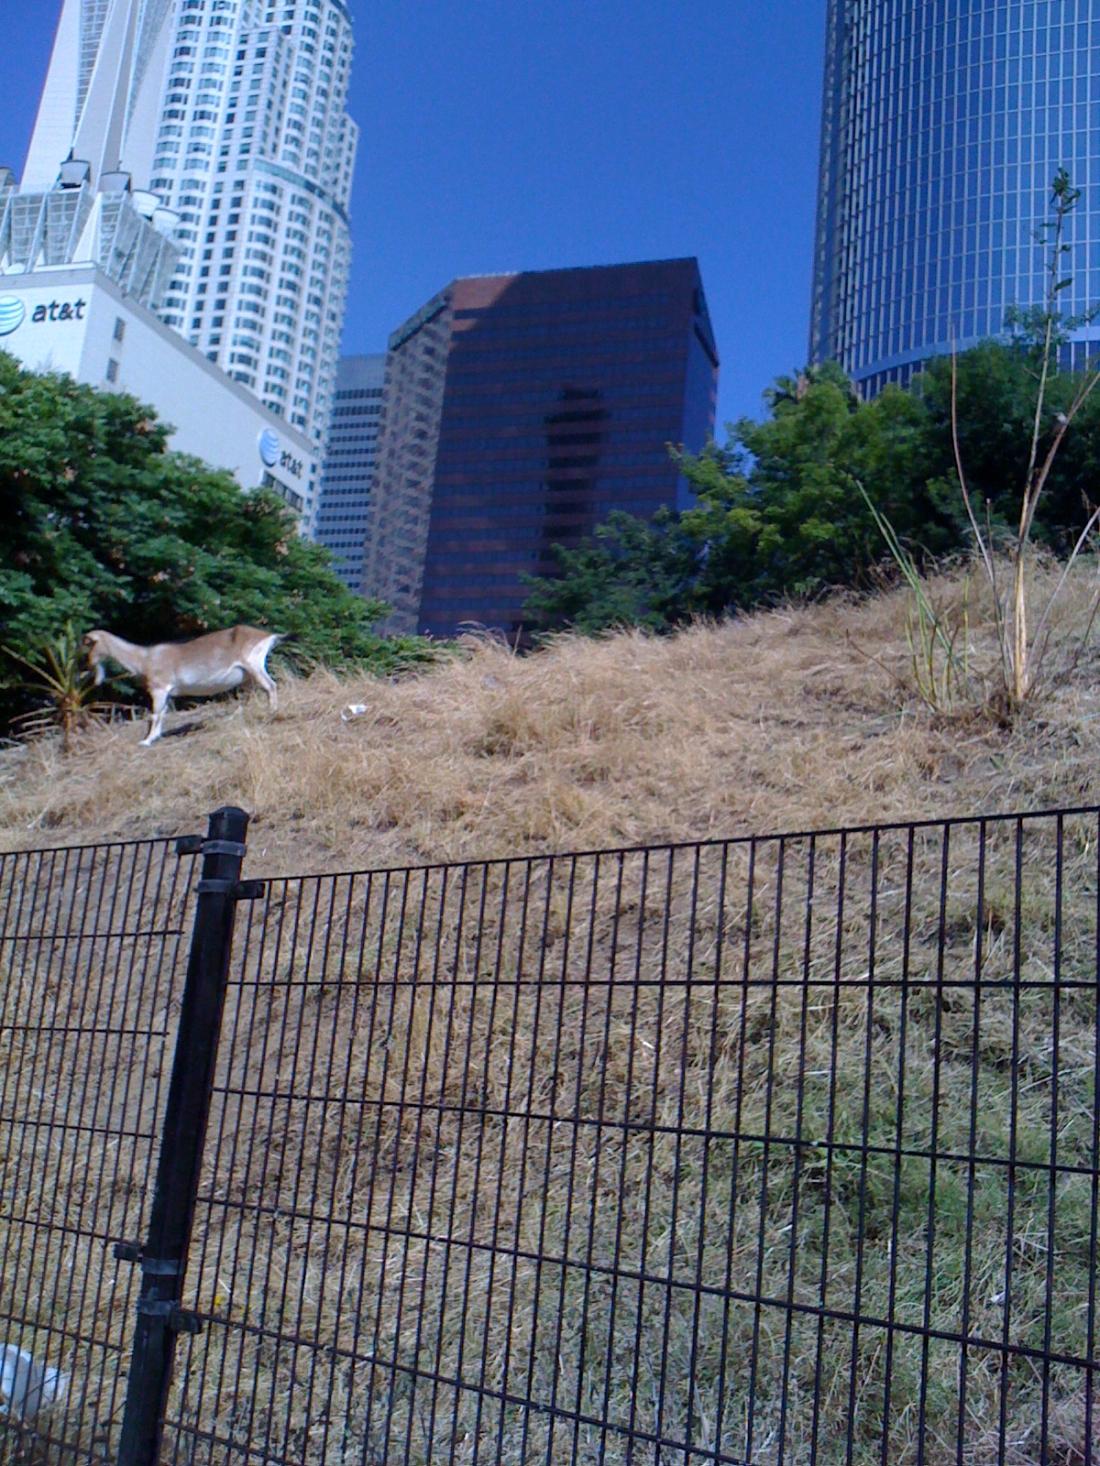 Goat in Downtown LA